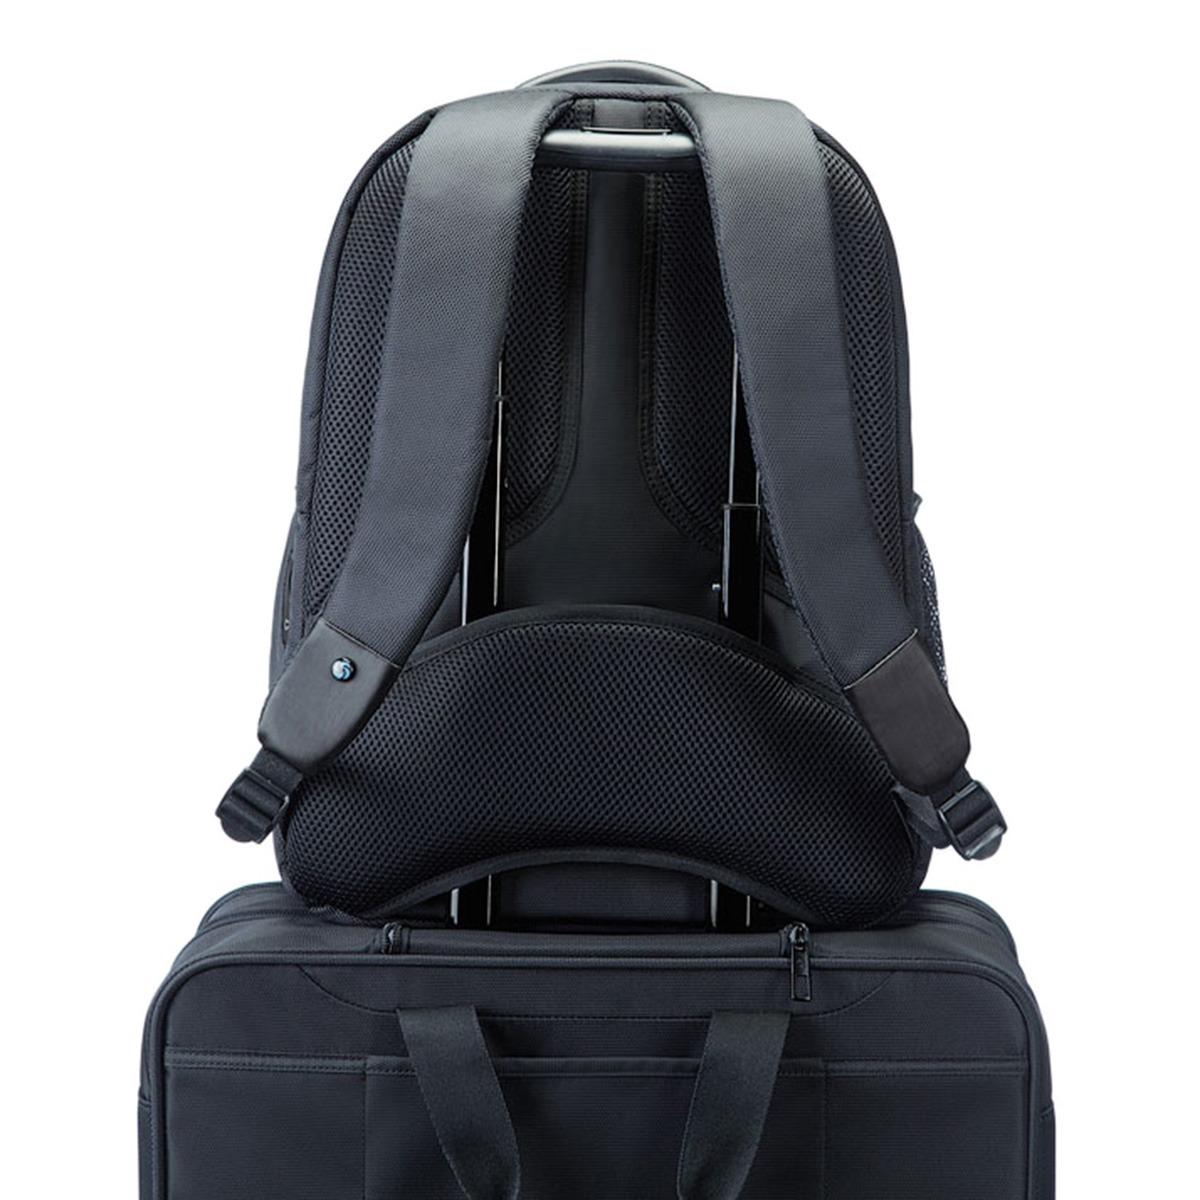 e0af16492d Σακίδιο Πλάτης Samsonite Vectura Laptop Backpack M 15-16″ 59226-4226 Ανθρακί